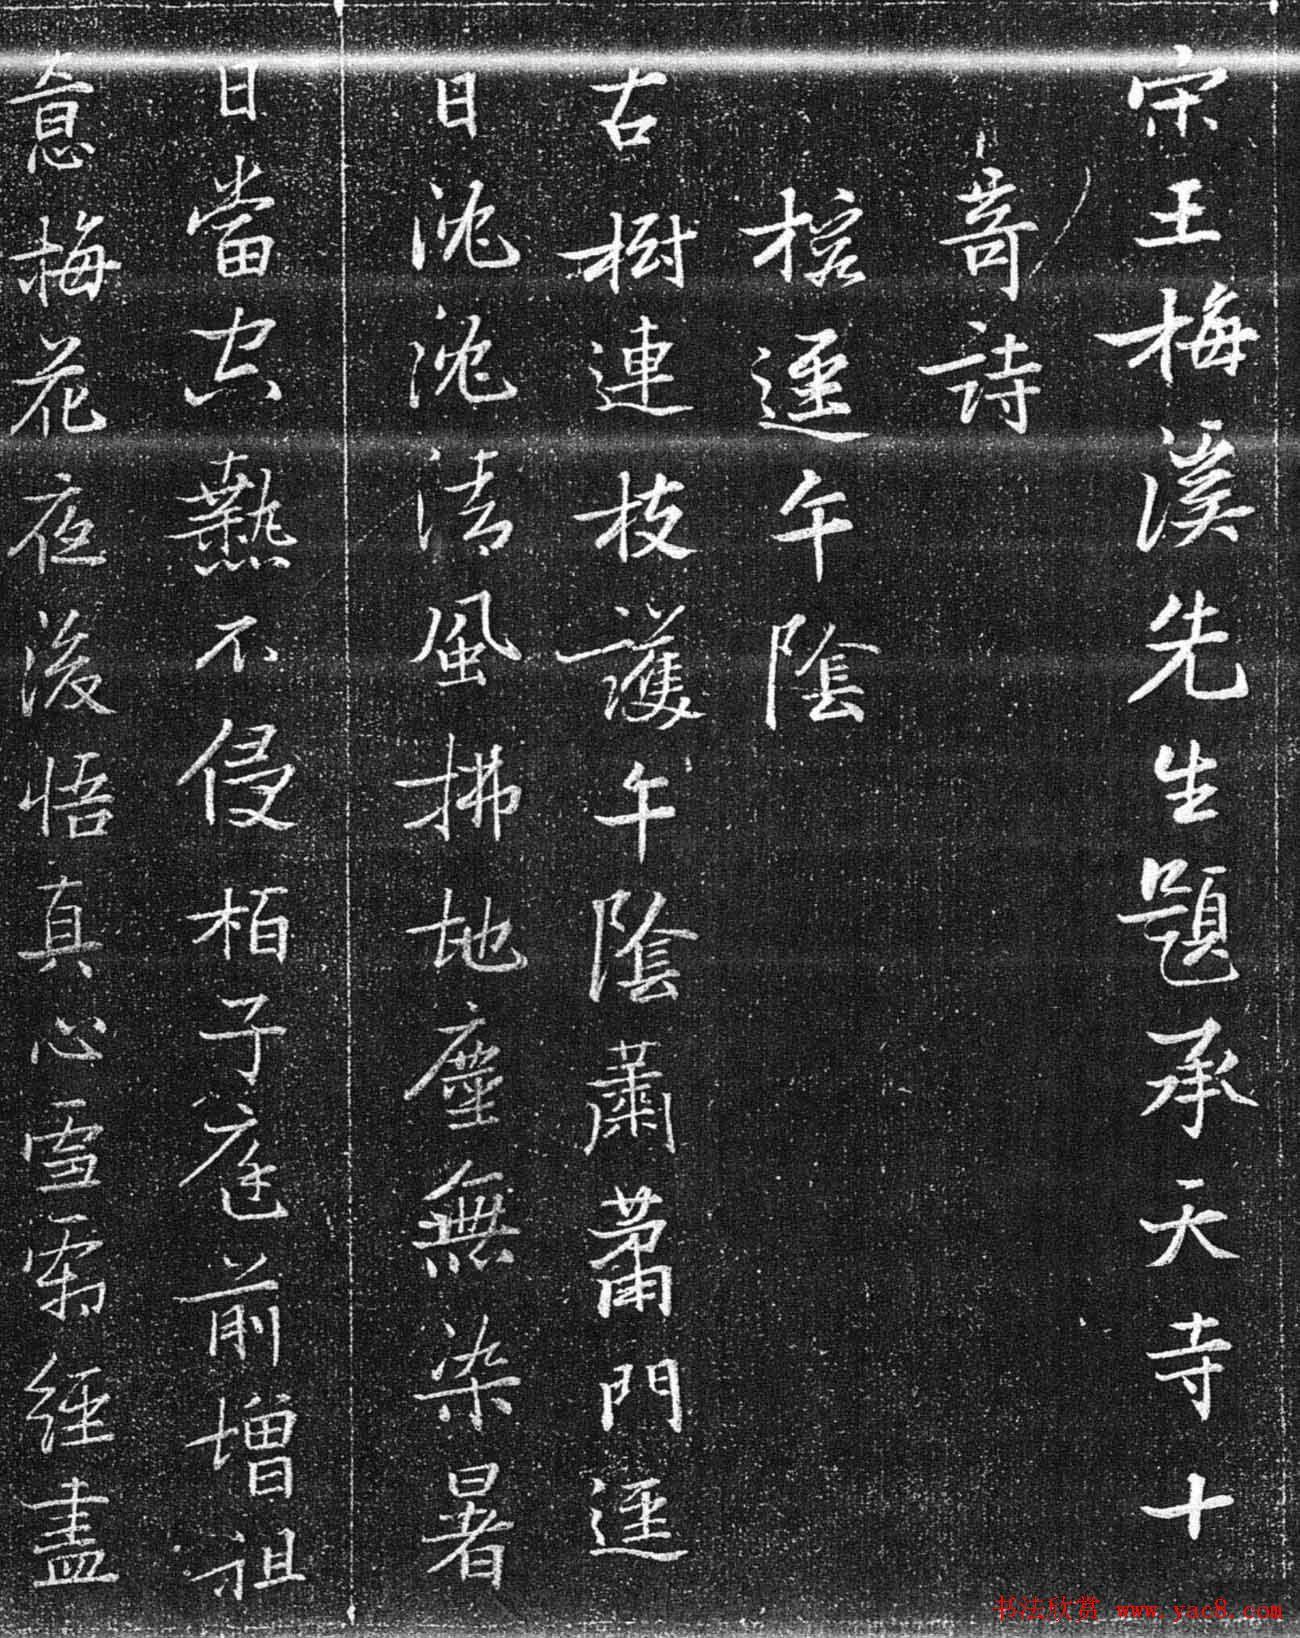 明代张瑞图行楷书法欣赏《承天寺诗碑》